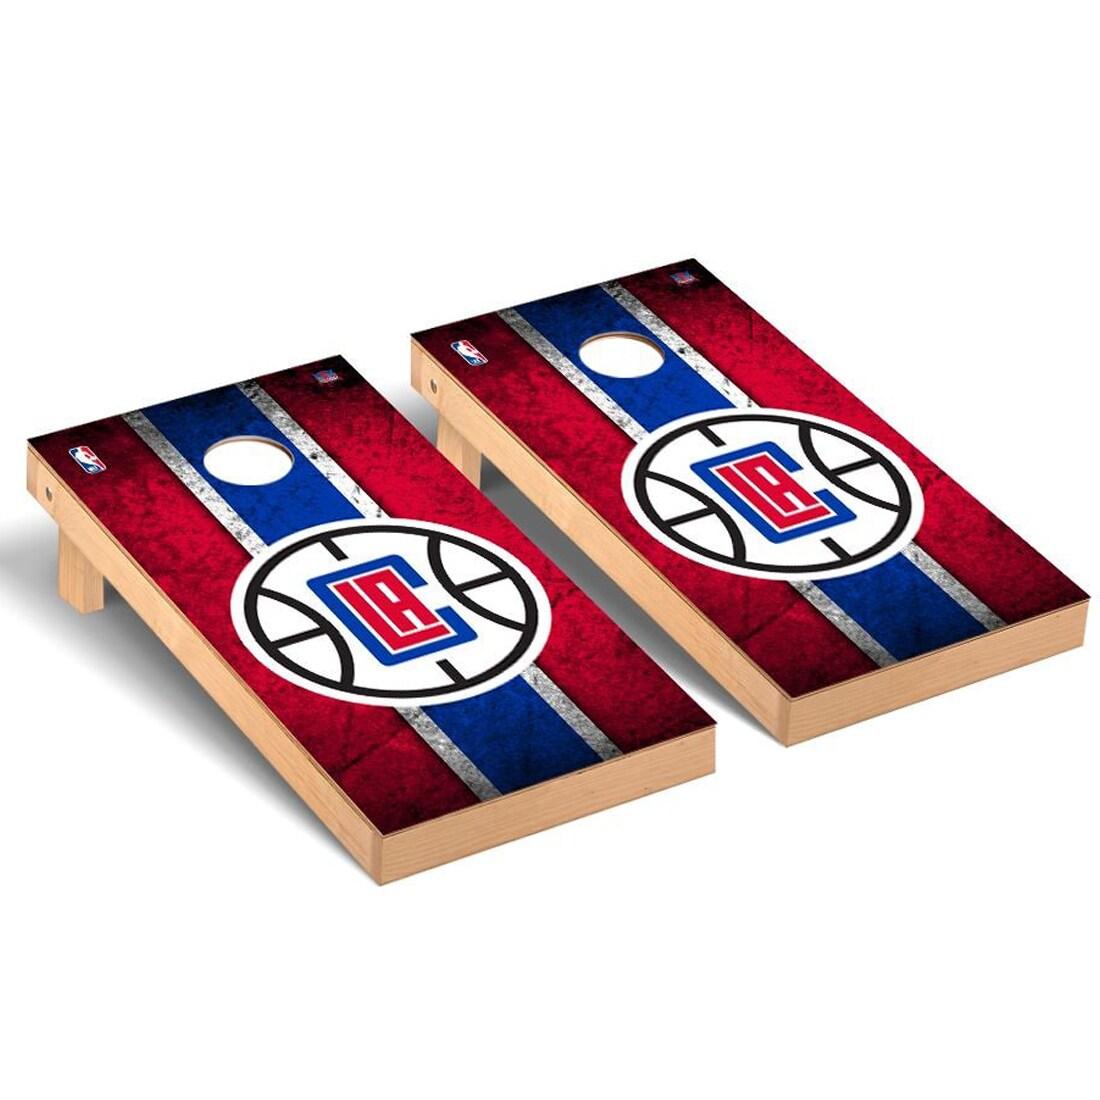 LA Clippers 2' x 4' Vintage New Cornhole Set